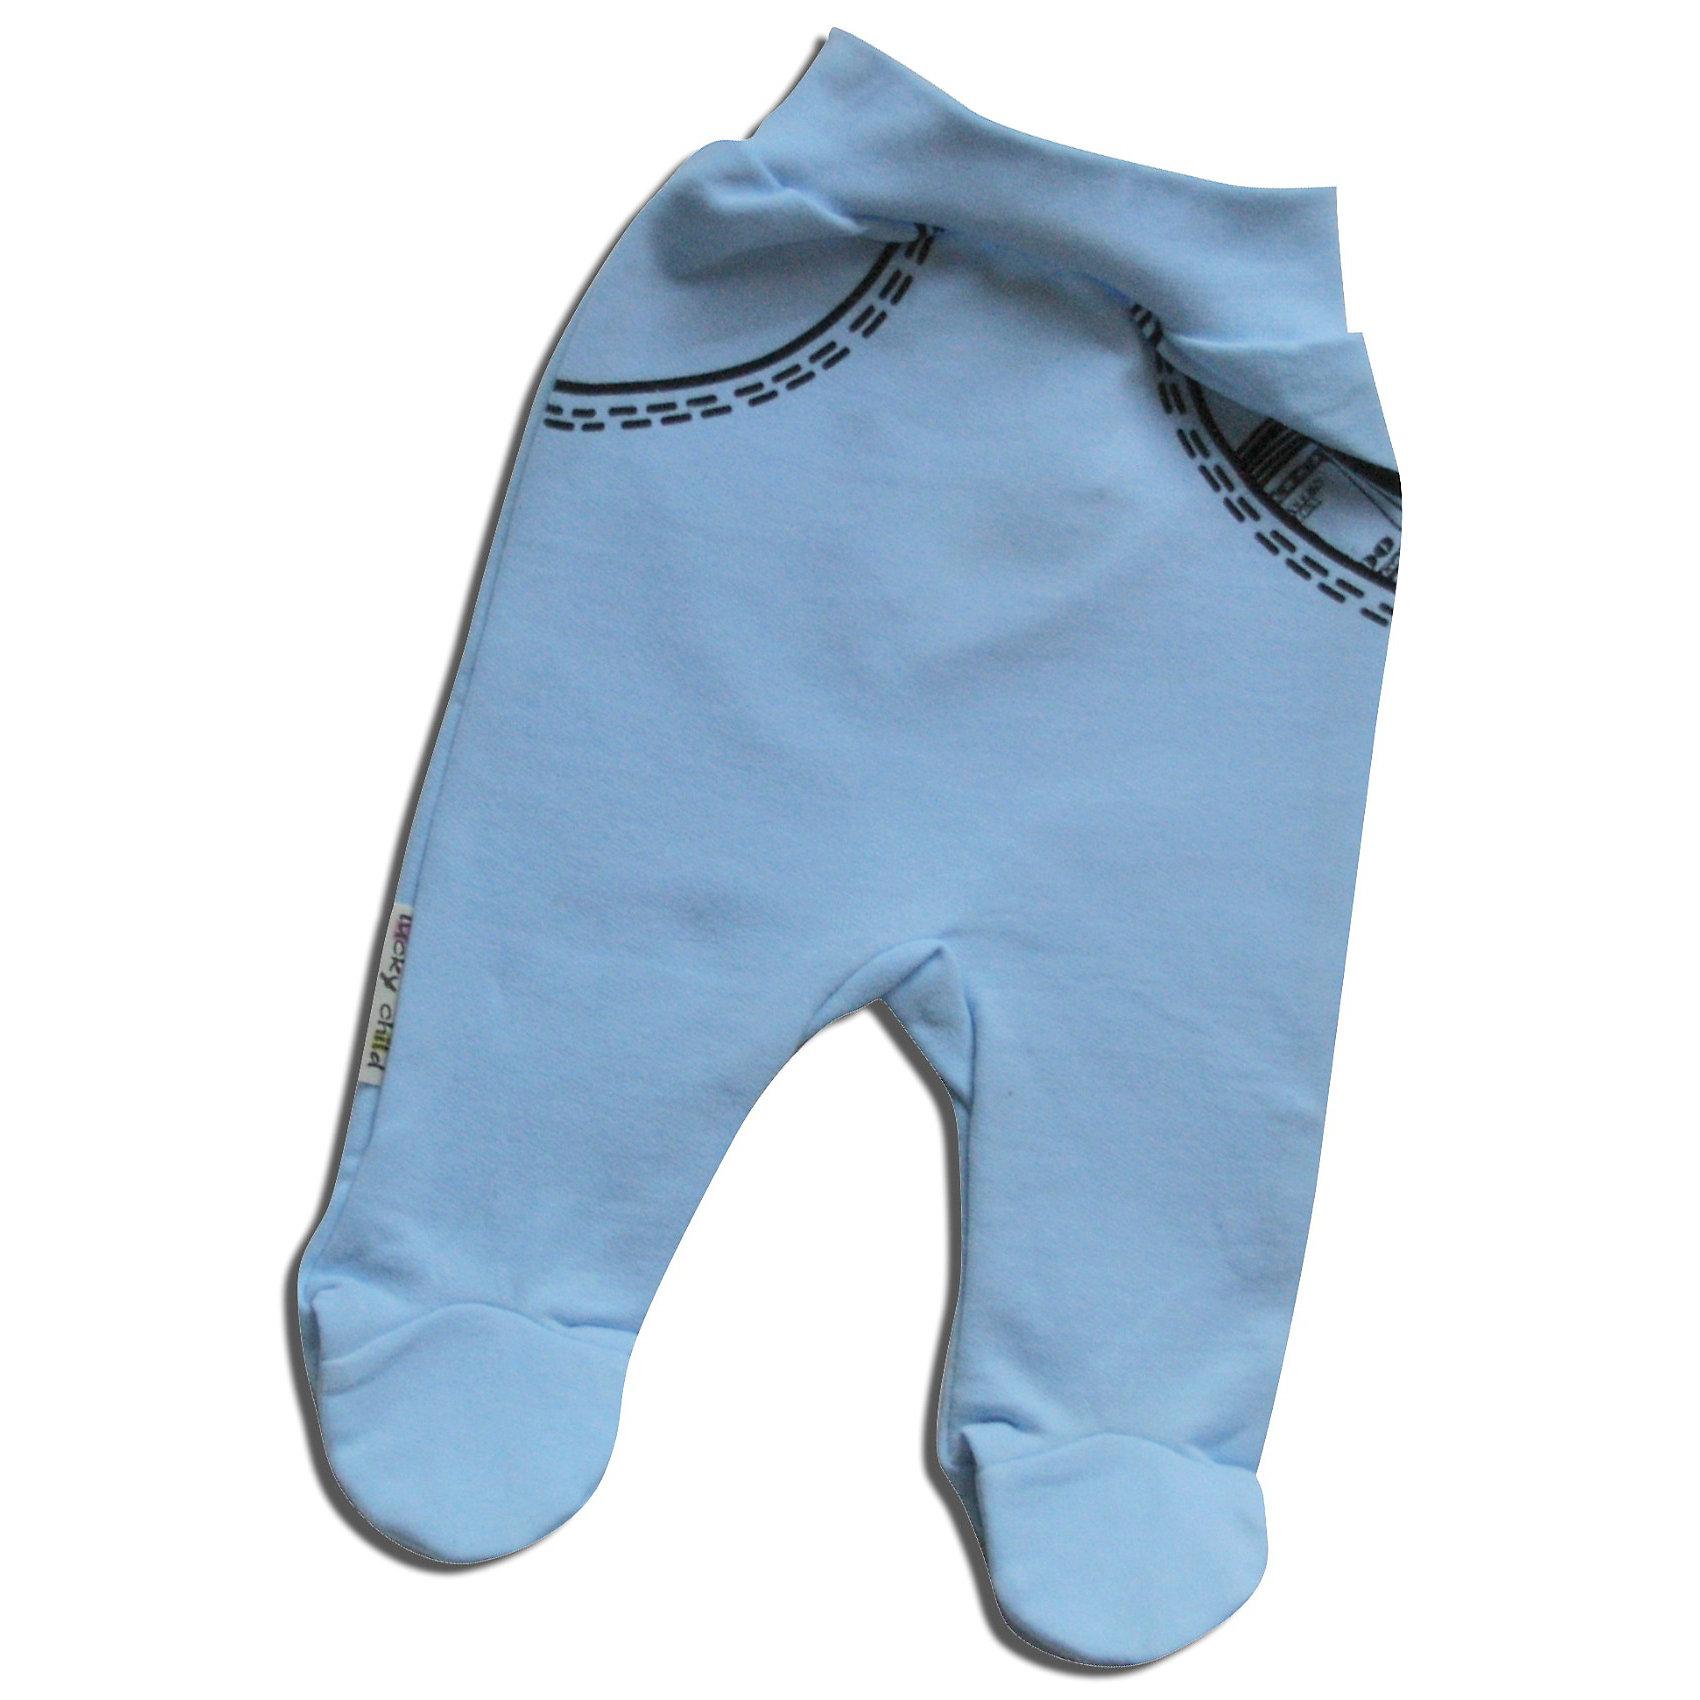 Lucky Child Ползунки для мальчикаНежные ползунки с закрытыми пяточками для мальчика. Мягкий эластичный пояс из трикотажной резинки. Приятный к телу натуральный гипоаллергенный материал (100 % хлопок).<br><br>Ширина мм: 157<br>Глубина мм: 13<br>Высота мм: 119<br>Вес г: 200<br>Цвет: голубой<br>Возраст от месяцев: 2<br>Возраст до месяцев: 5<br>Пол: Мужской<br>Возраст: Детский<br>Размер: 74/80,68/74,62/68,56/62,80/86<br>SKU: 2635096